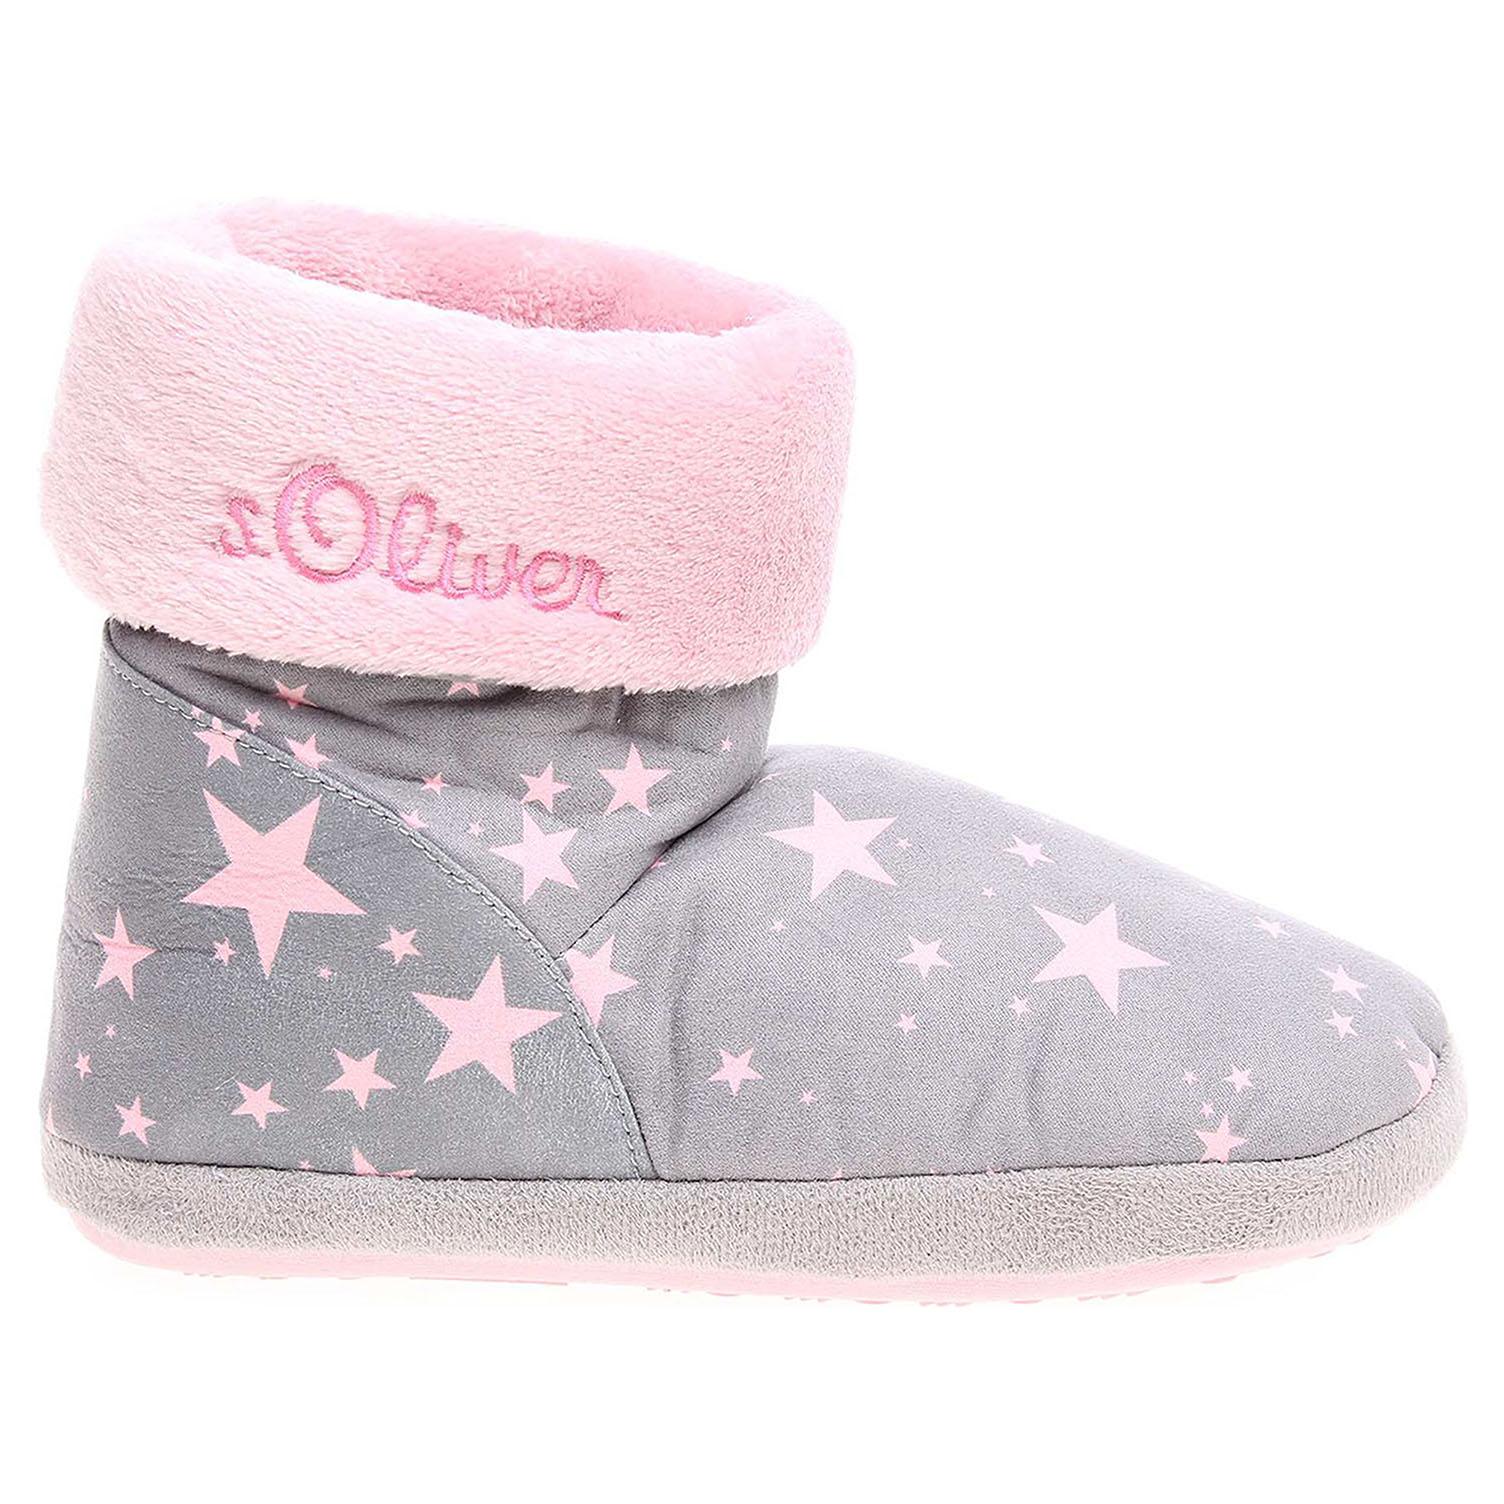 s.Oliver dívčí domácí obuv 5-35438-39 grey comb 5-5-35438-39 201 32